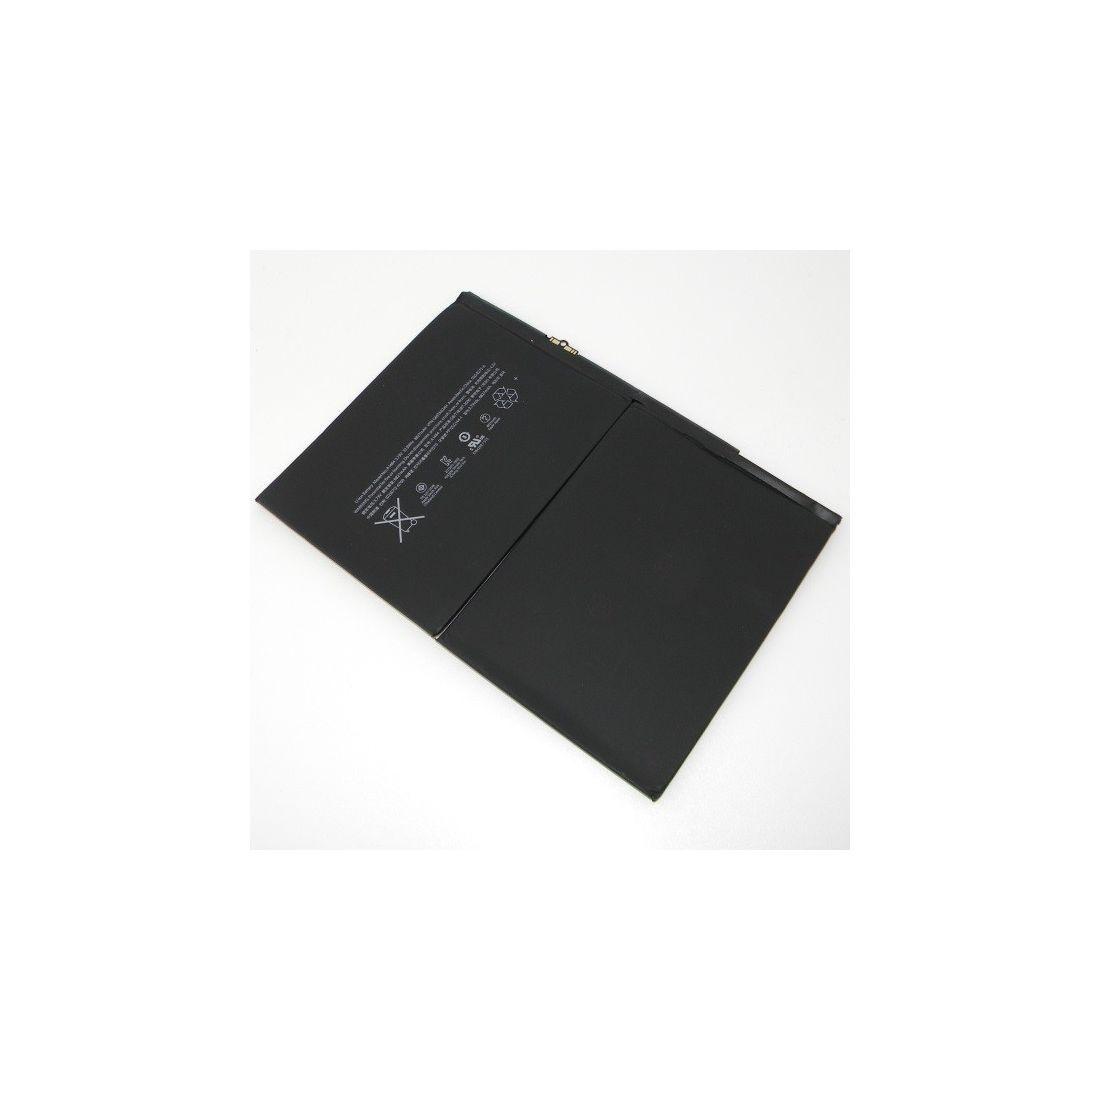 Apple iPad Air Baterie 8827mAh Li-Pol (Bulk) - OEM iPhone